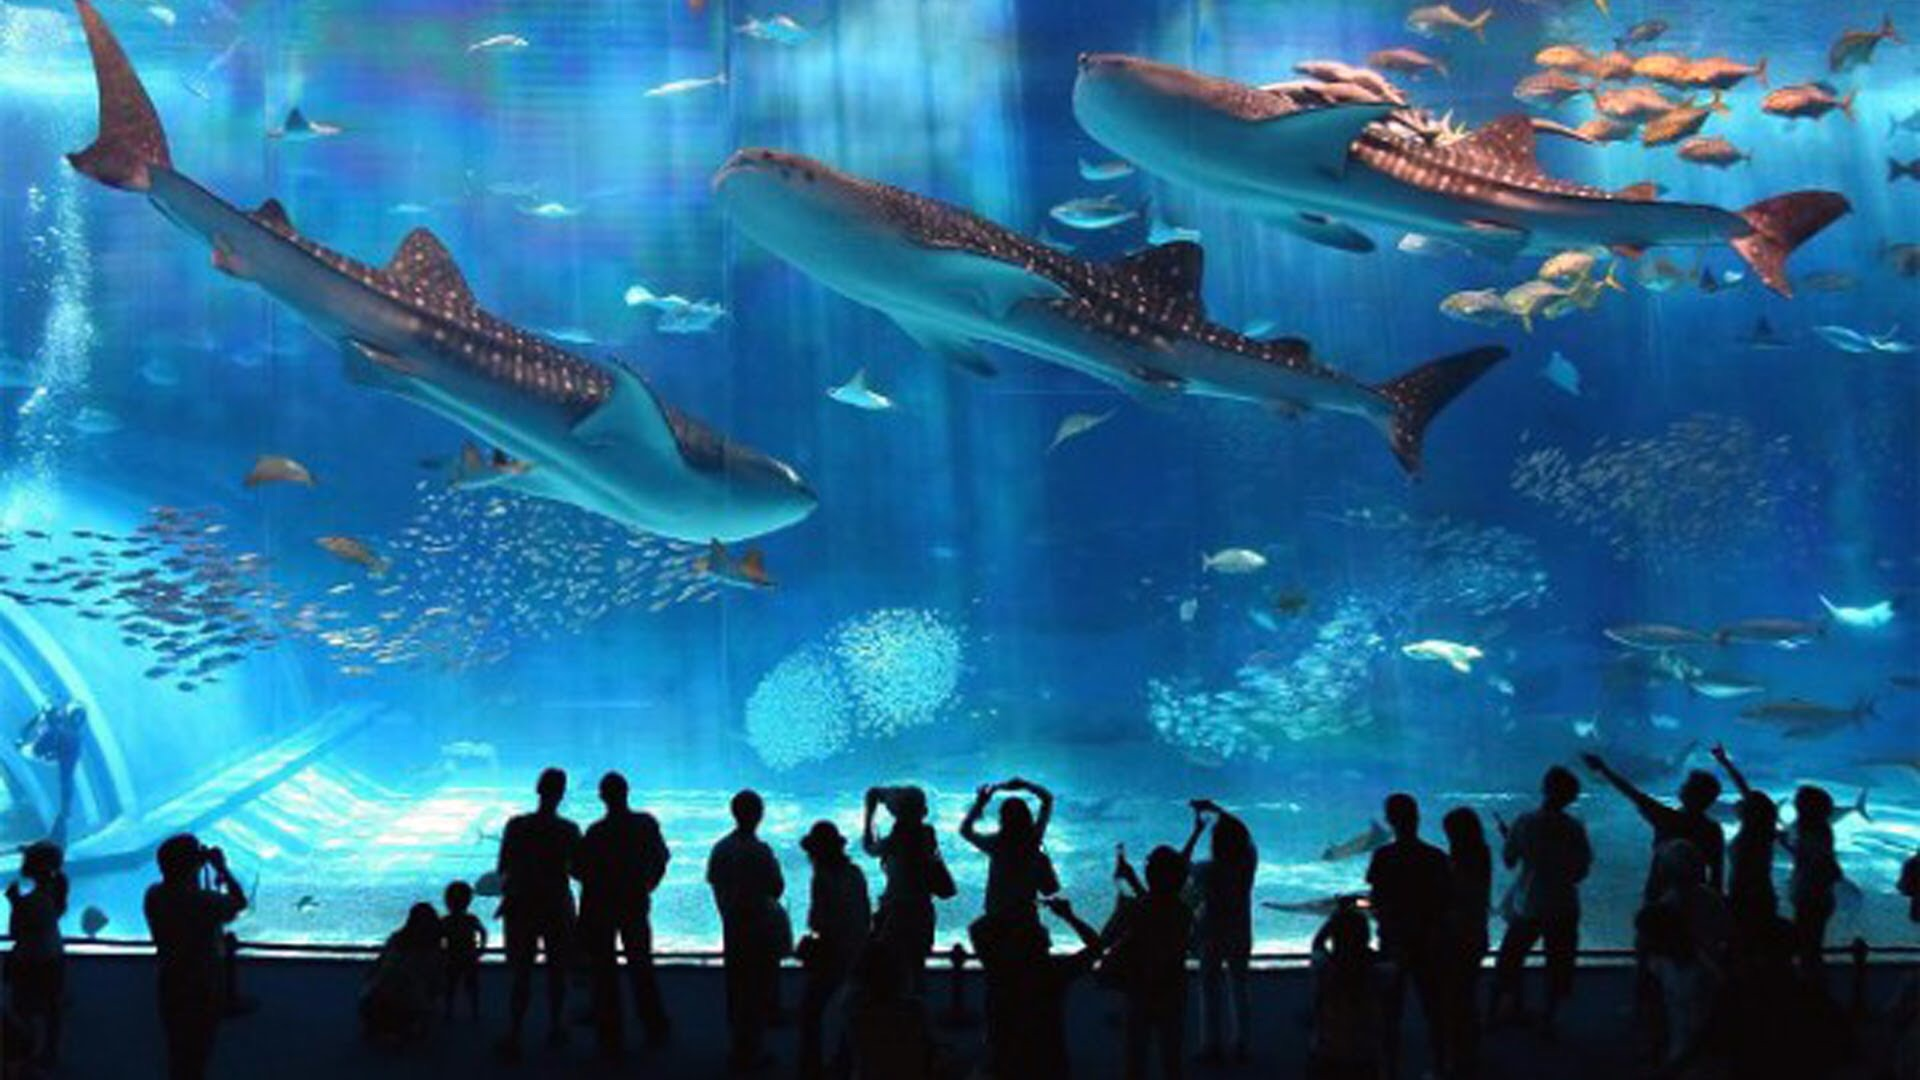 بالفيديو: سقوط فتاة في حوض أسماك القرش الجائعة!